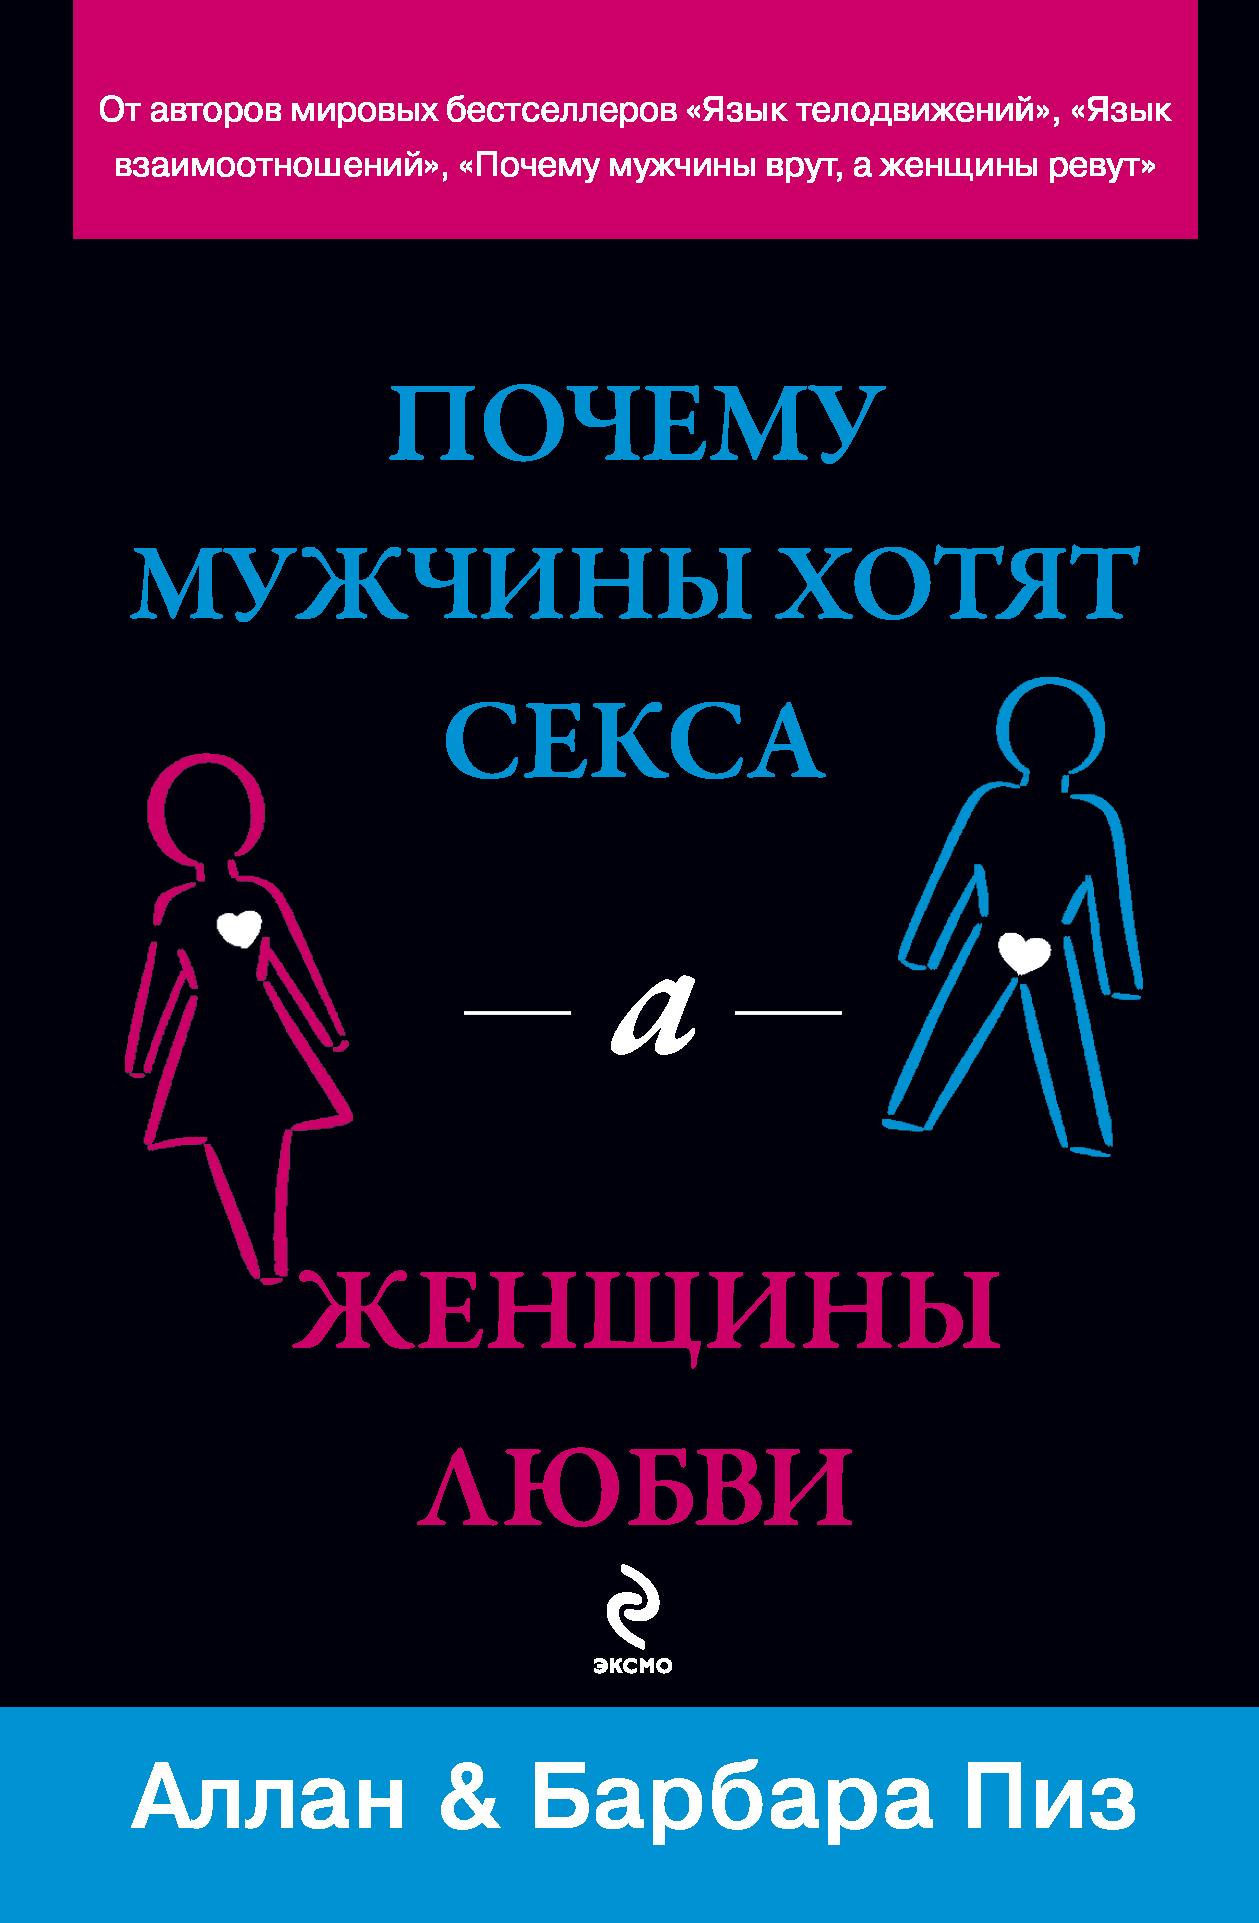 pochemu-muzhiki-hotyat-seksa